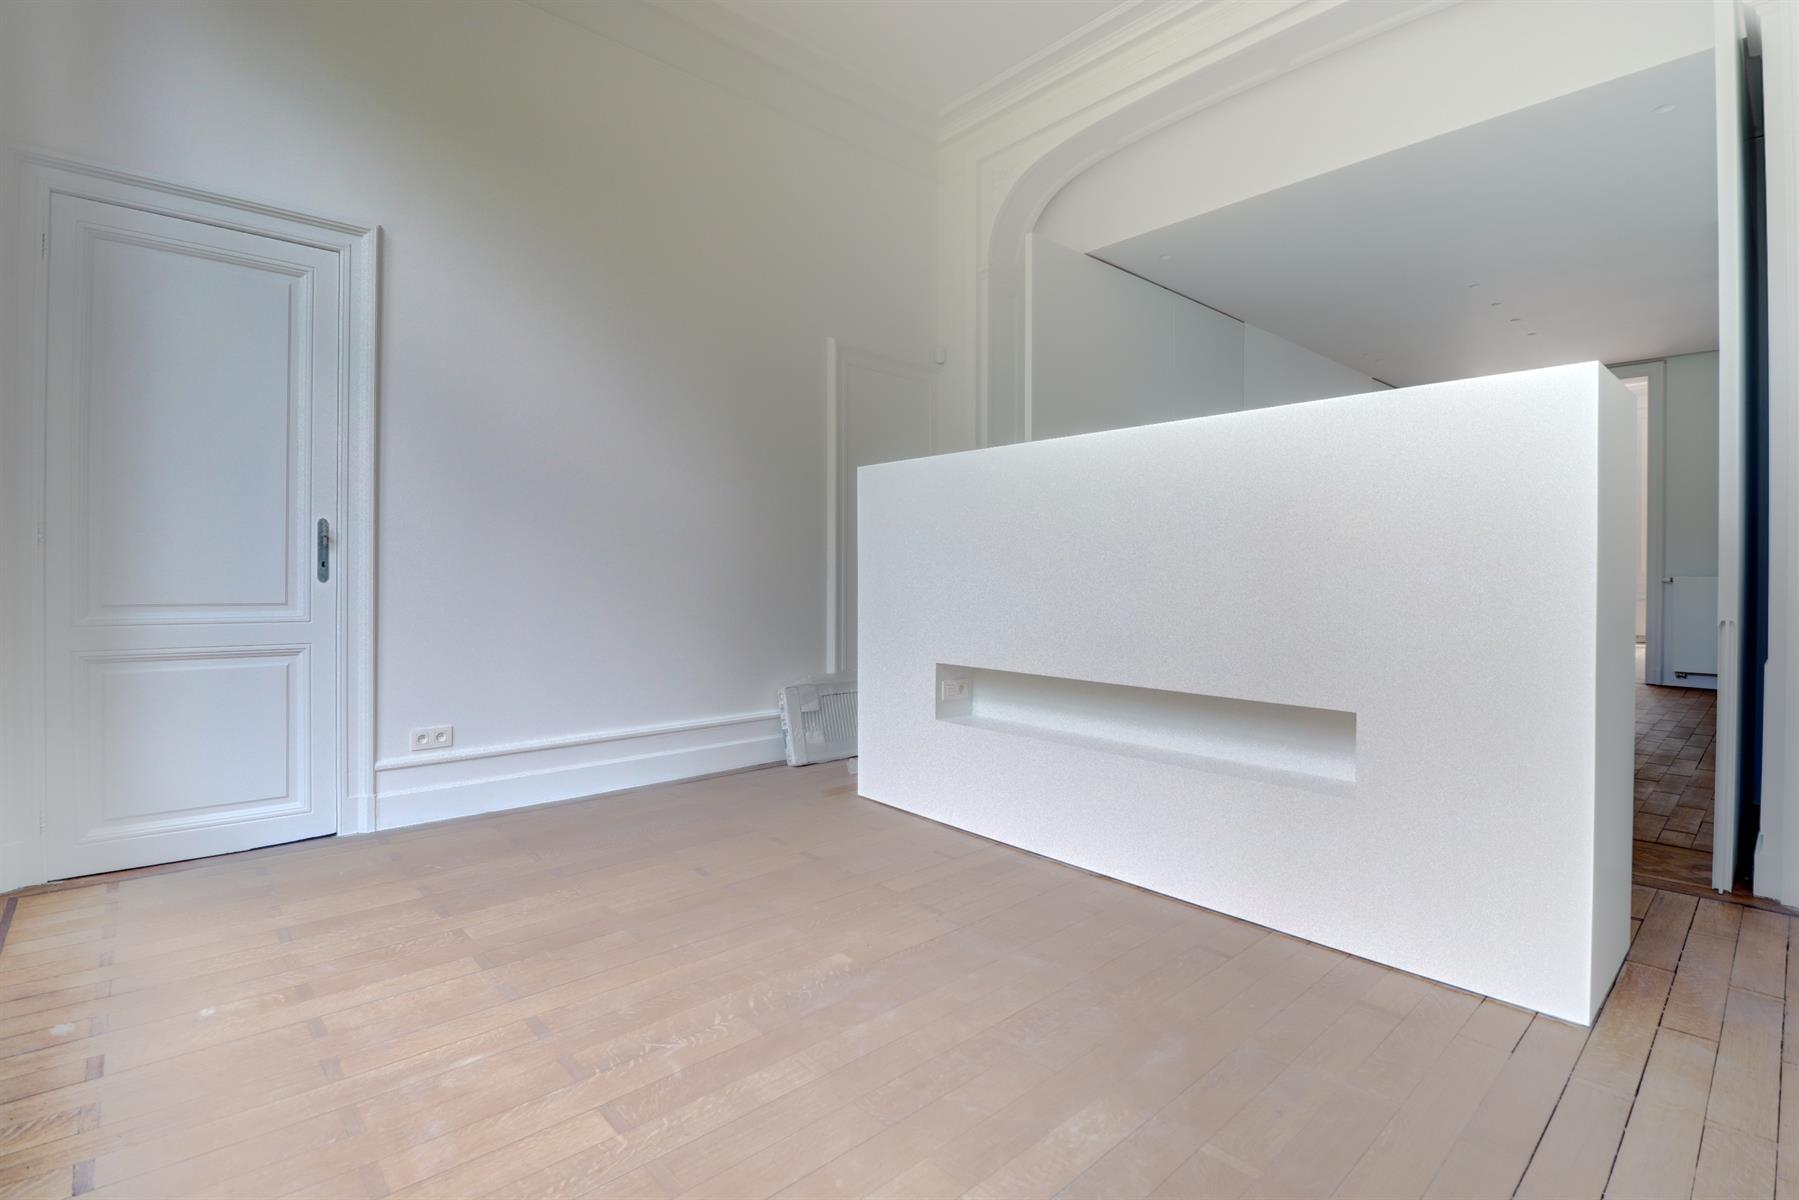 Flat - Ixelles - #4091403-12